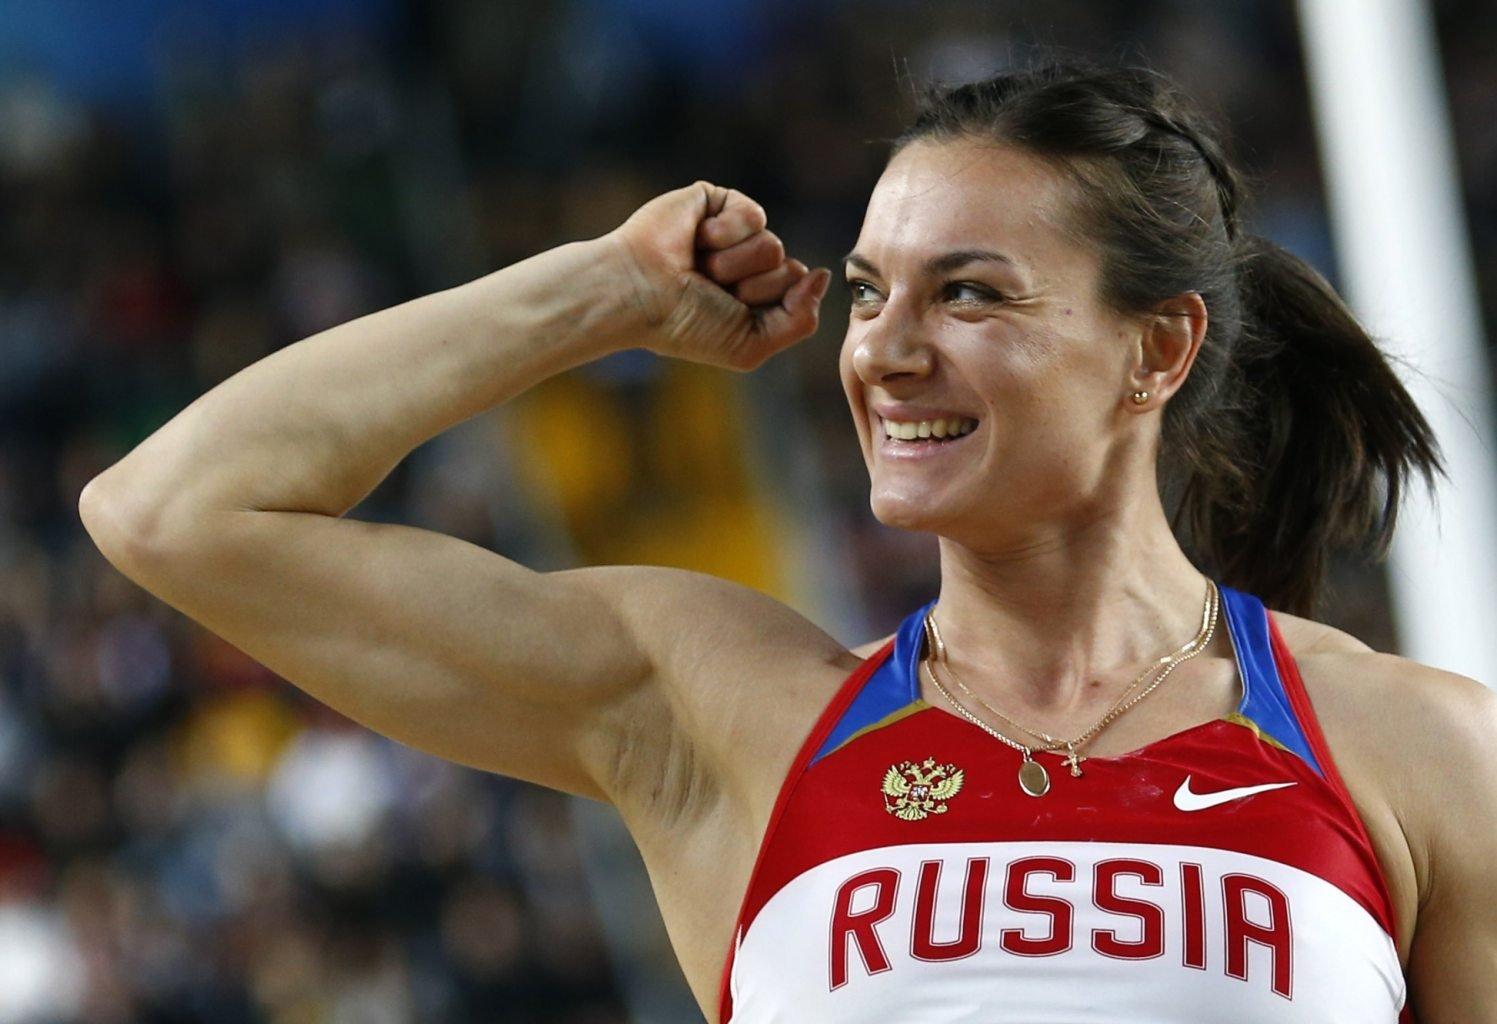 Исинбаева спортсменка в порно со страпоном